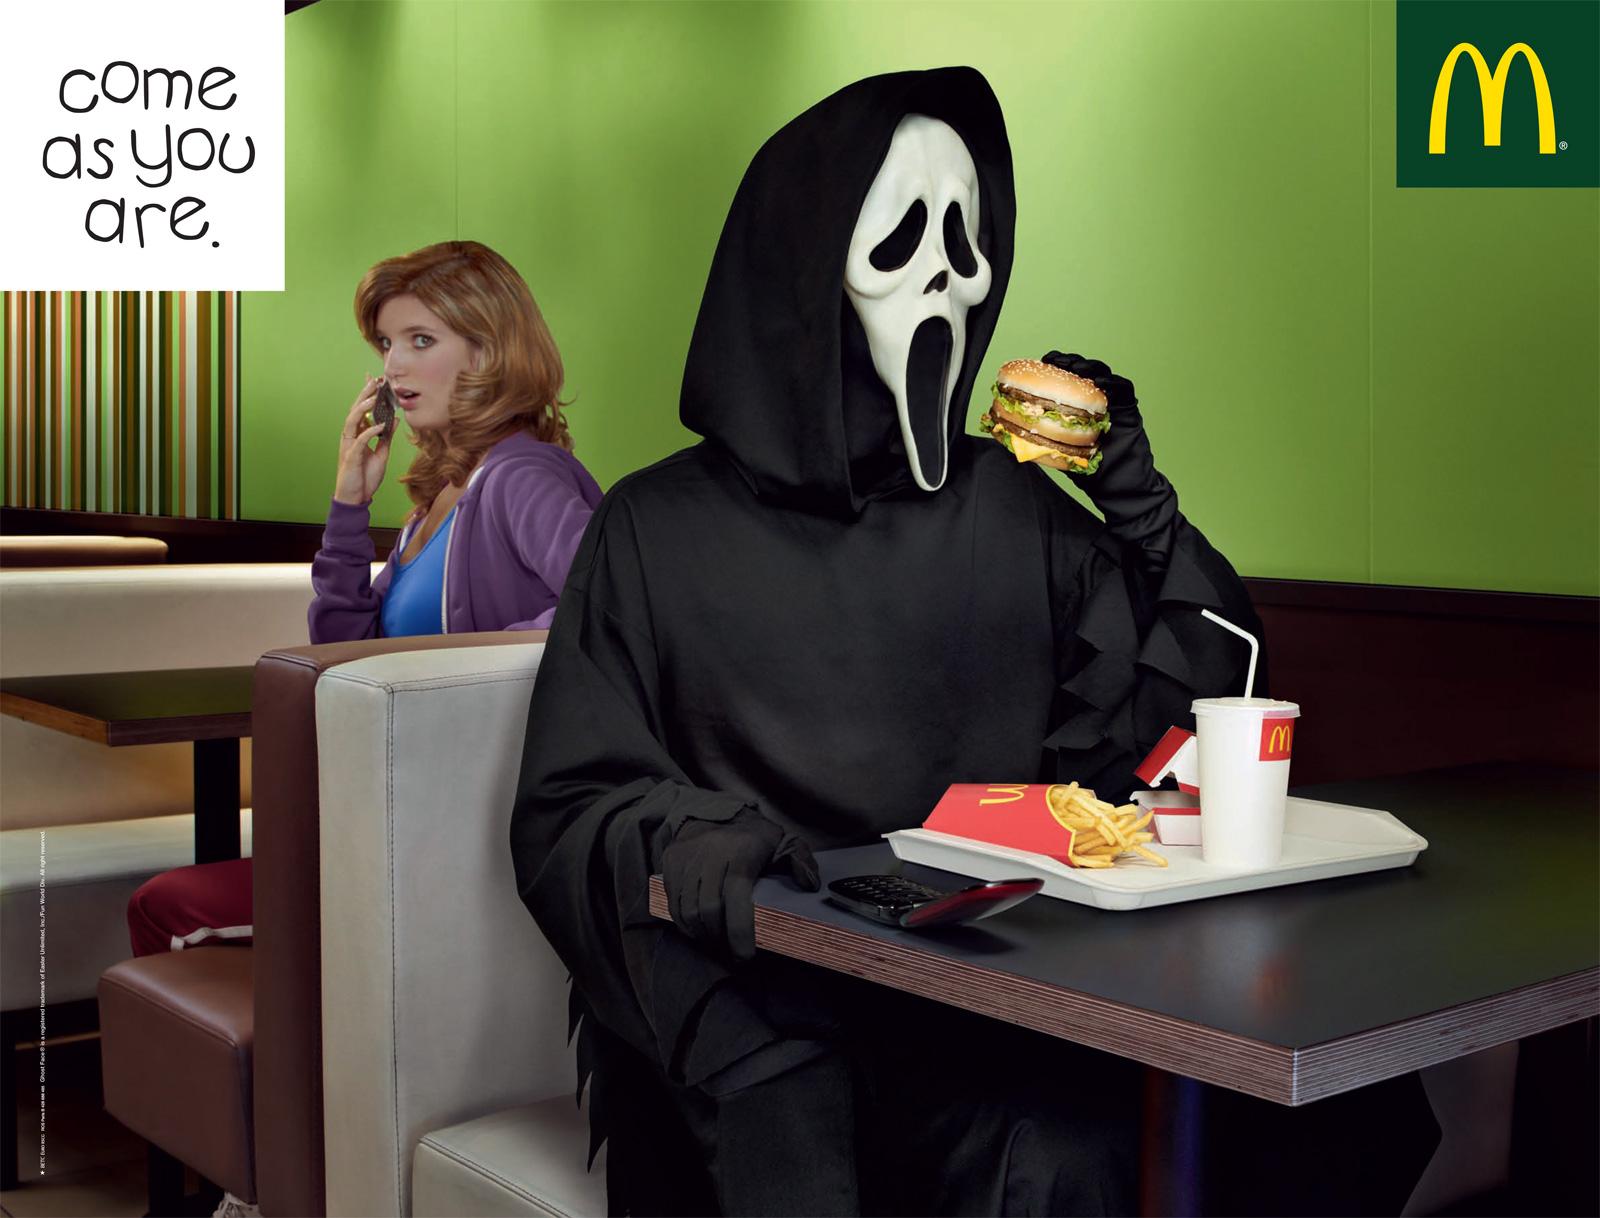 http://2.bp.blogspot.com/_42nL05s3A-8/TMCXMCQbB9I/AAAAAAAADAA/GebmhTSWW-Y/s1600/McDonalds-Ghost.jpg